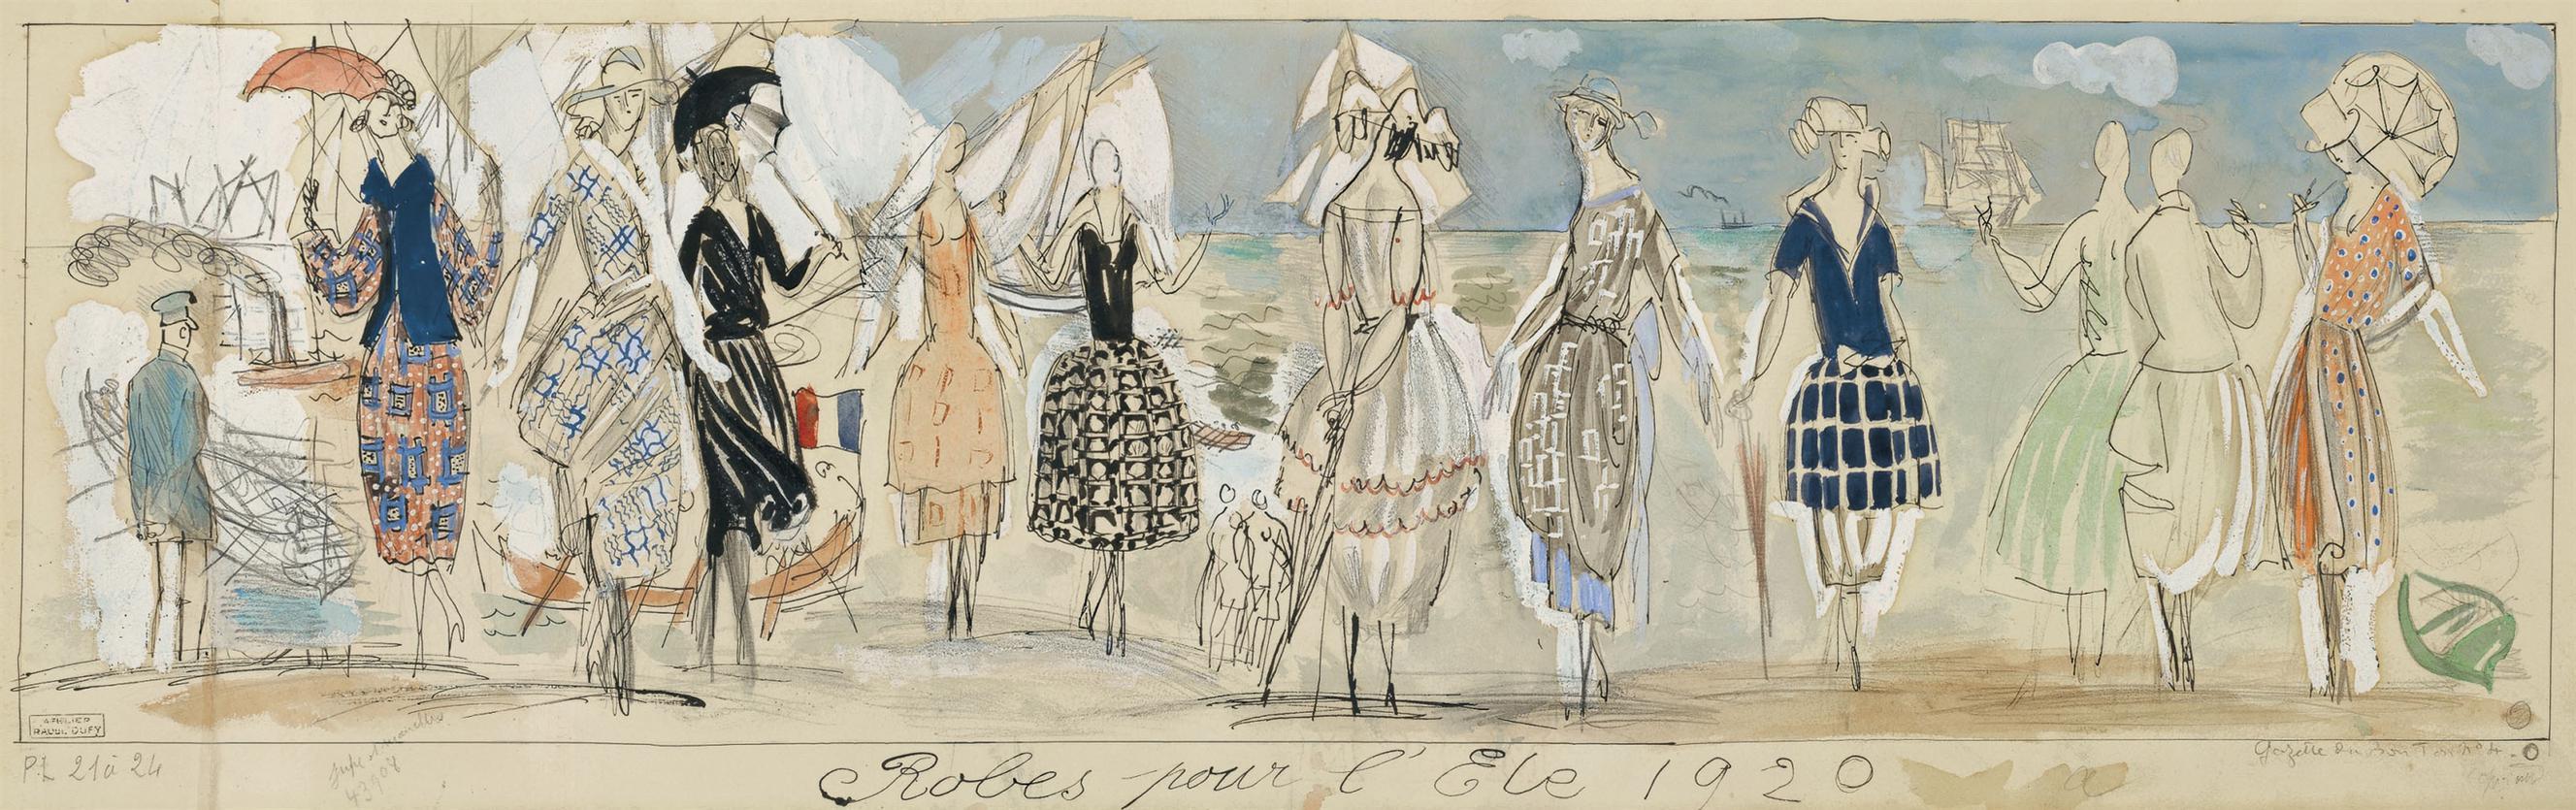 Raoul Dufy-Robes Pour Lete-1920